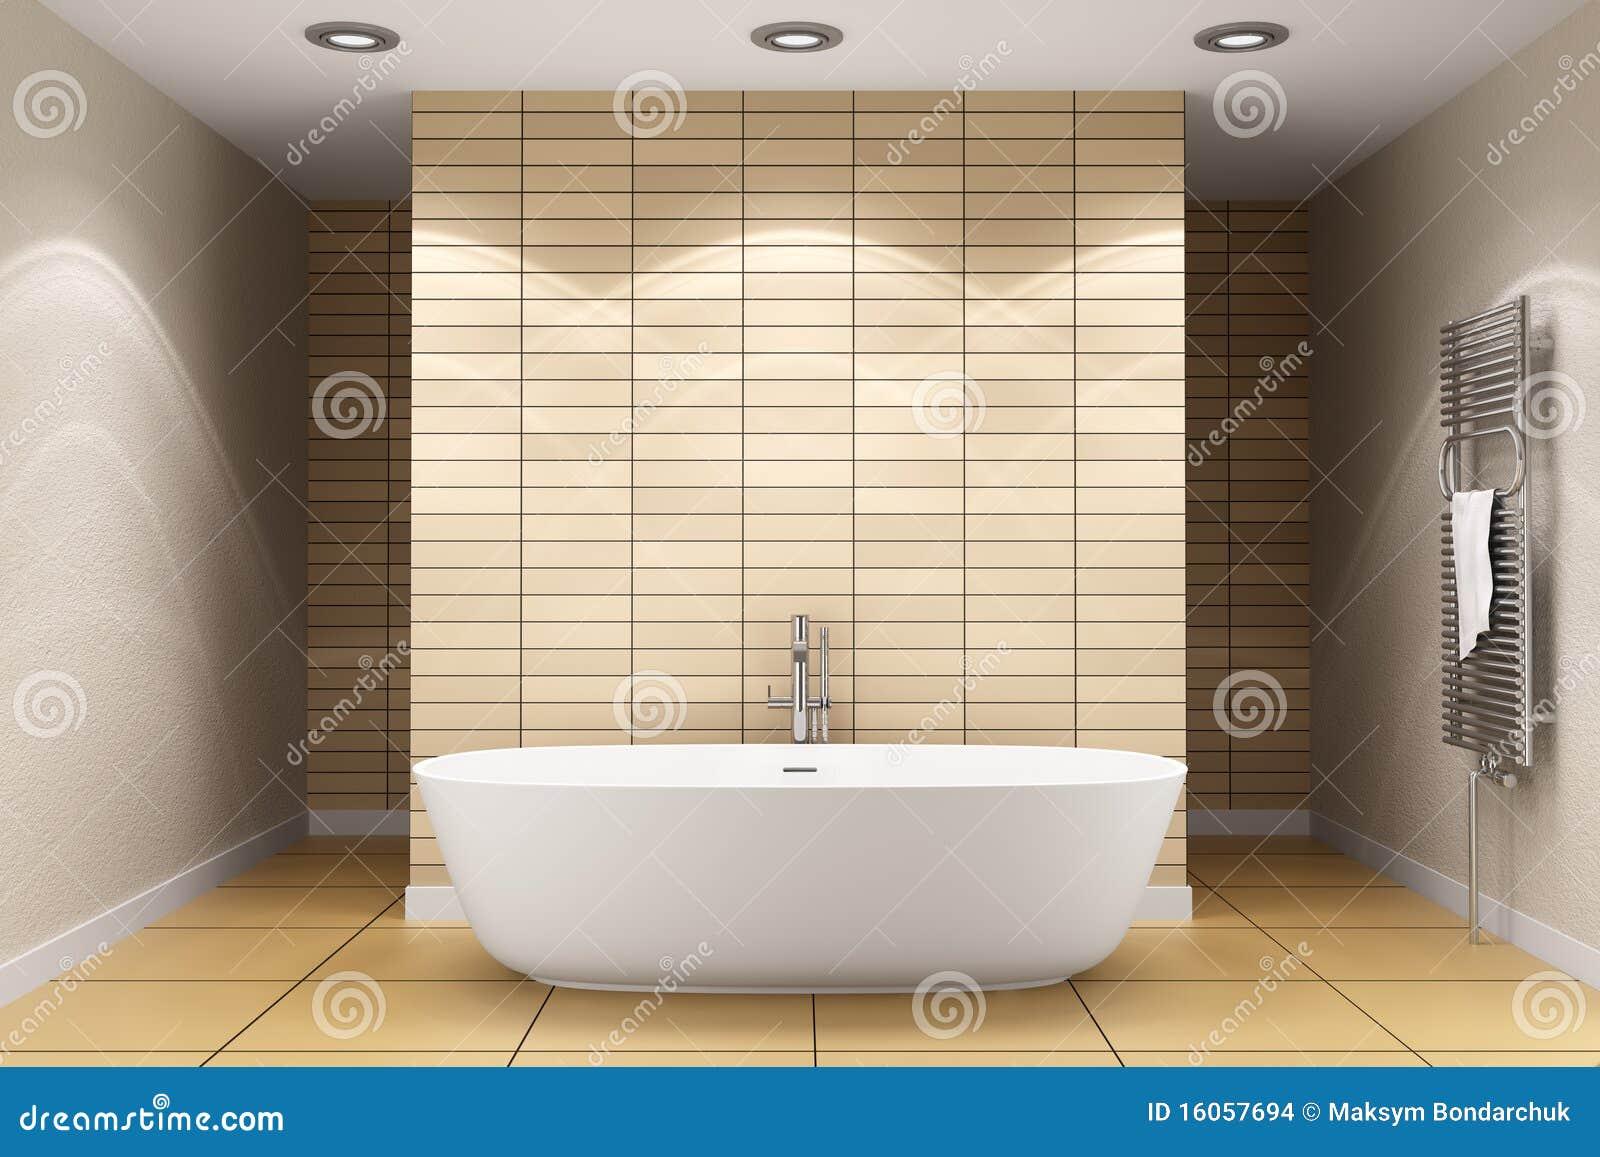 Banheiro Moderno Com As Telhas Bege Na Parede Imagens de Stock  #84A724 1300x957 Banheiro Bege Moderno